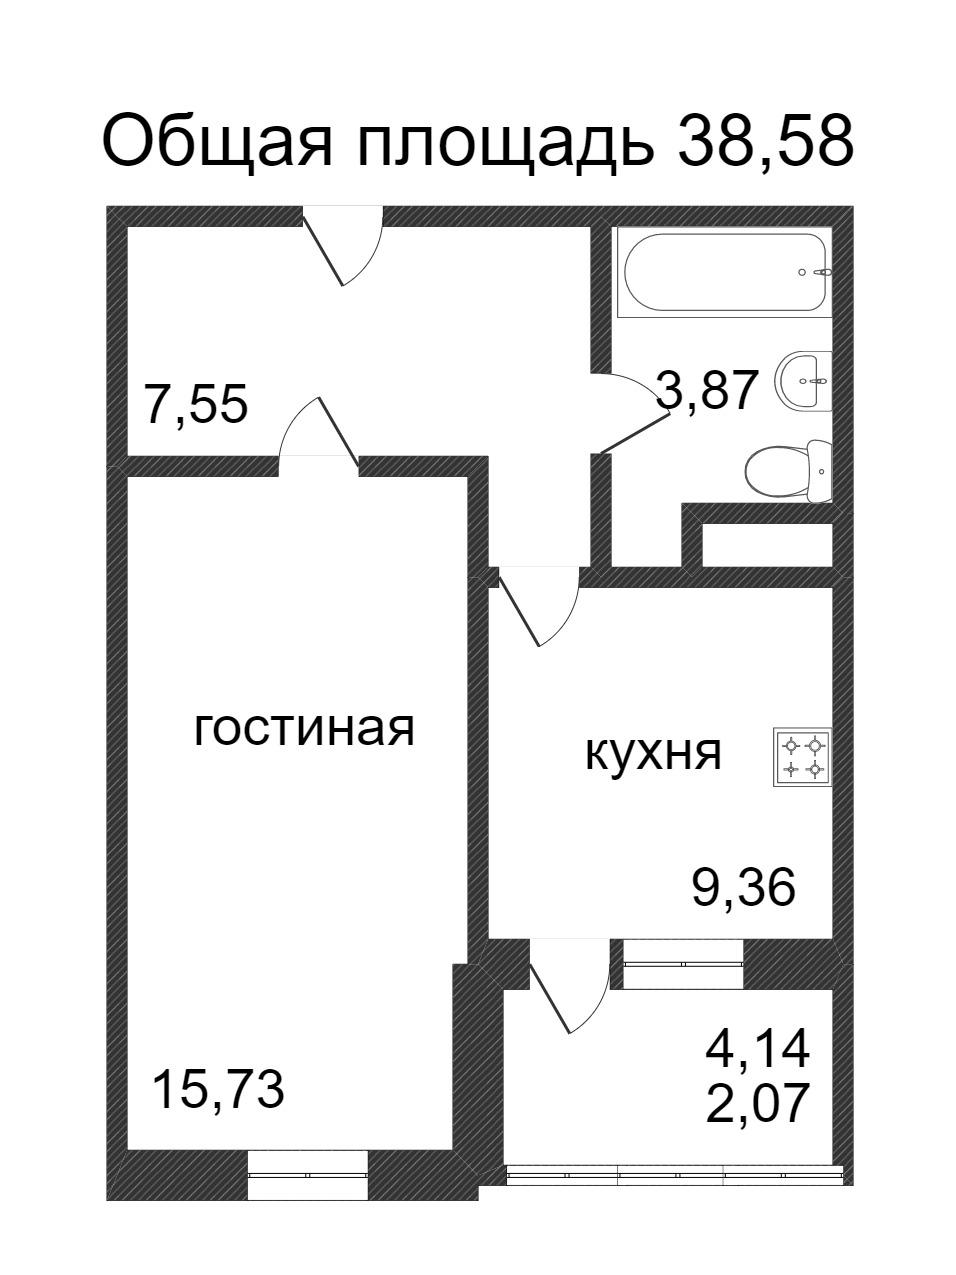 Объявление. г. Сургут, 1-комн.кв. 38.58кв.м, Ивана Захарова. Фото 3